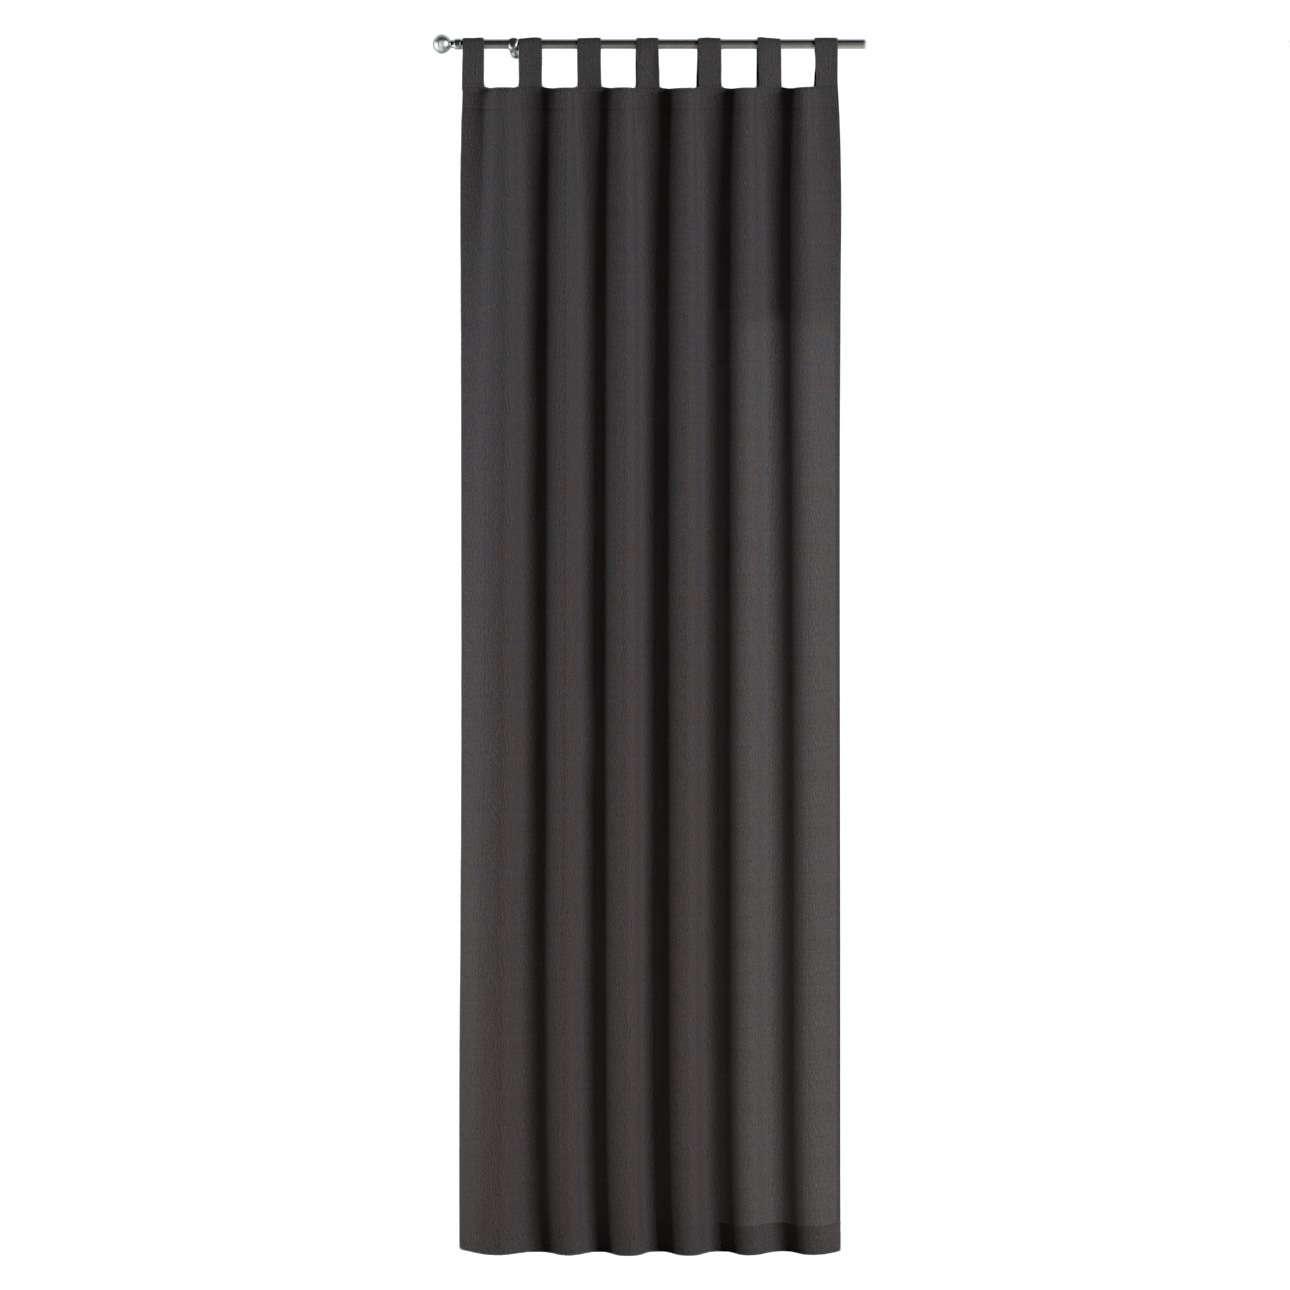 Kilpinio klostavimo užuolaidos 130 x 260 cm (plotis x ilgis) kolekcijoje Chenille, audinys: 702-20